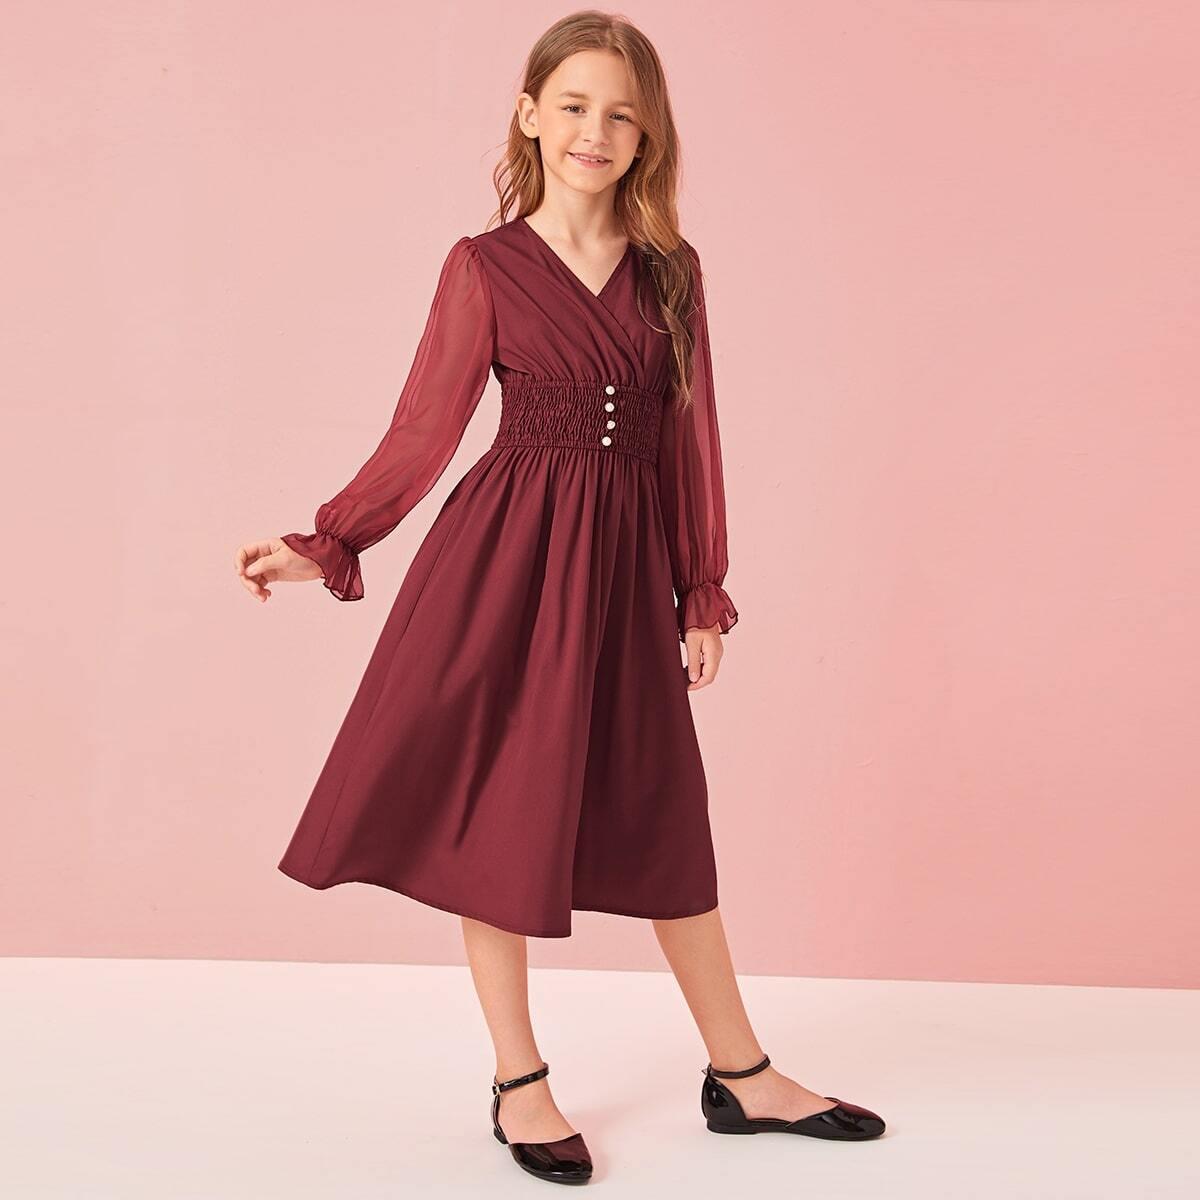 Стильное платье с шифоновым рукавом для девочек от SHEIN